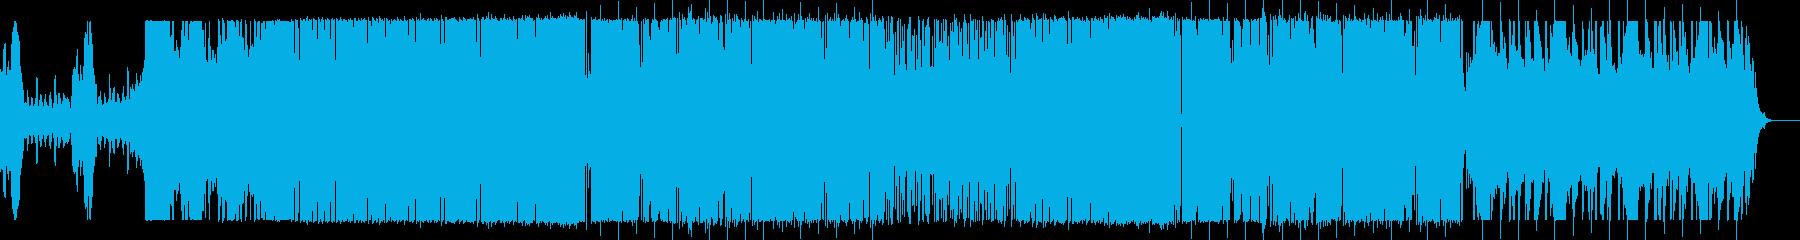 可愛い 爽やか Futuer Bassの再生済みの波形